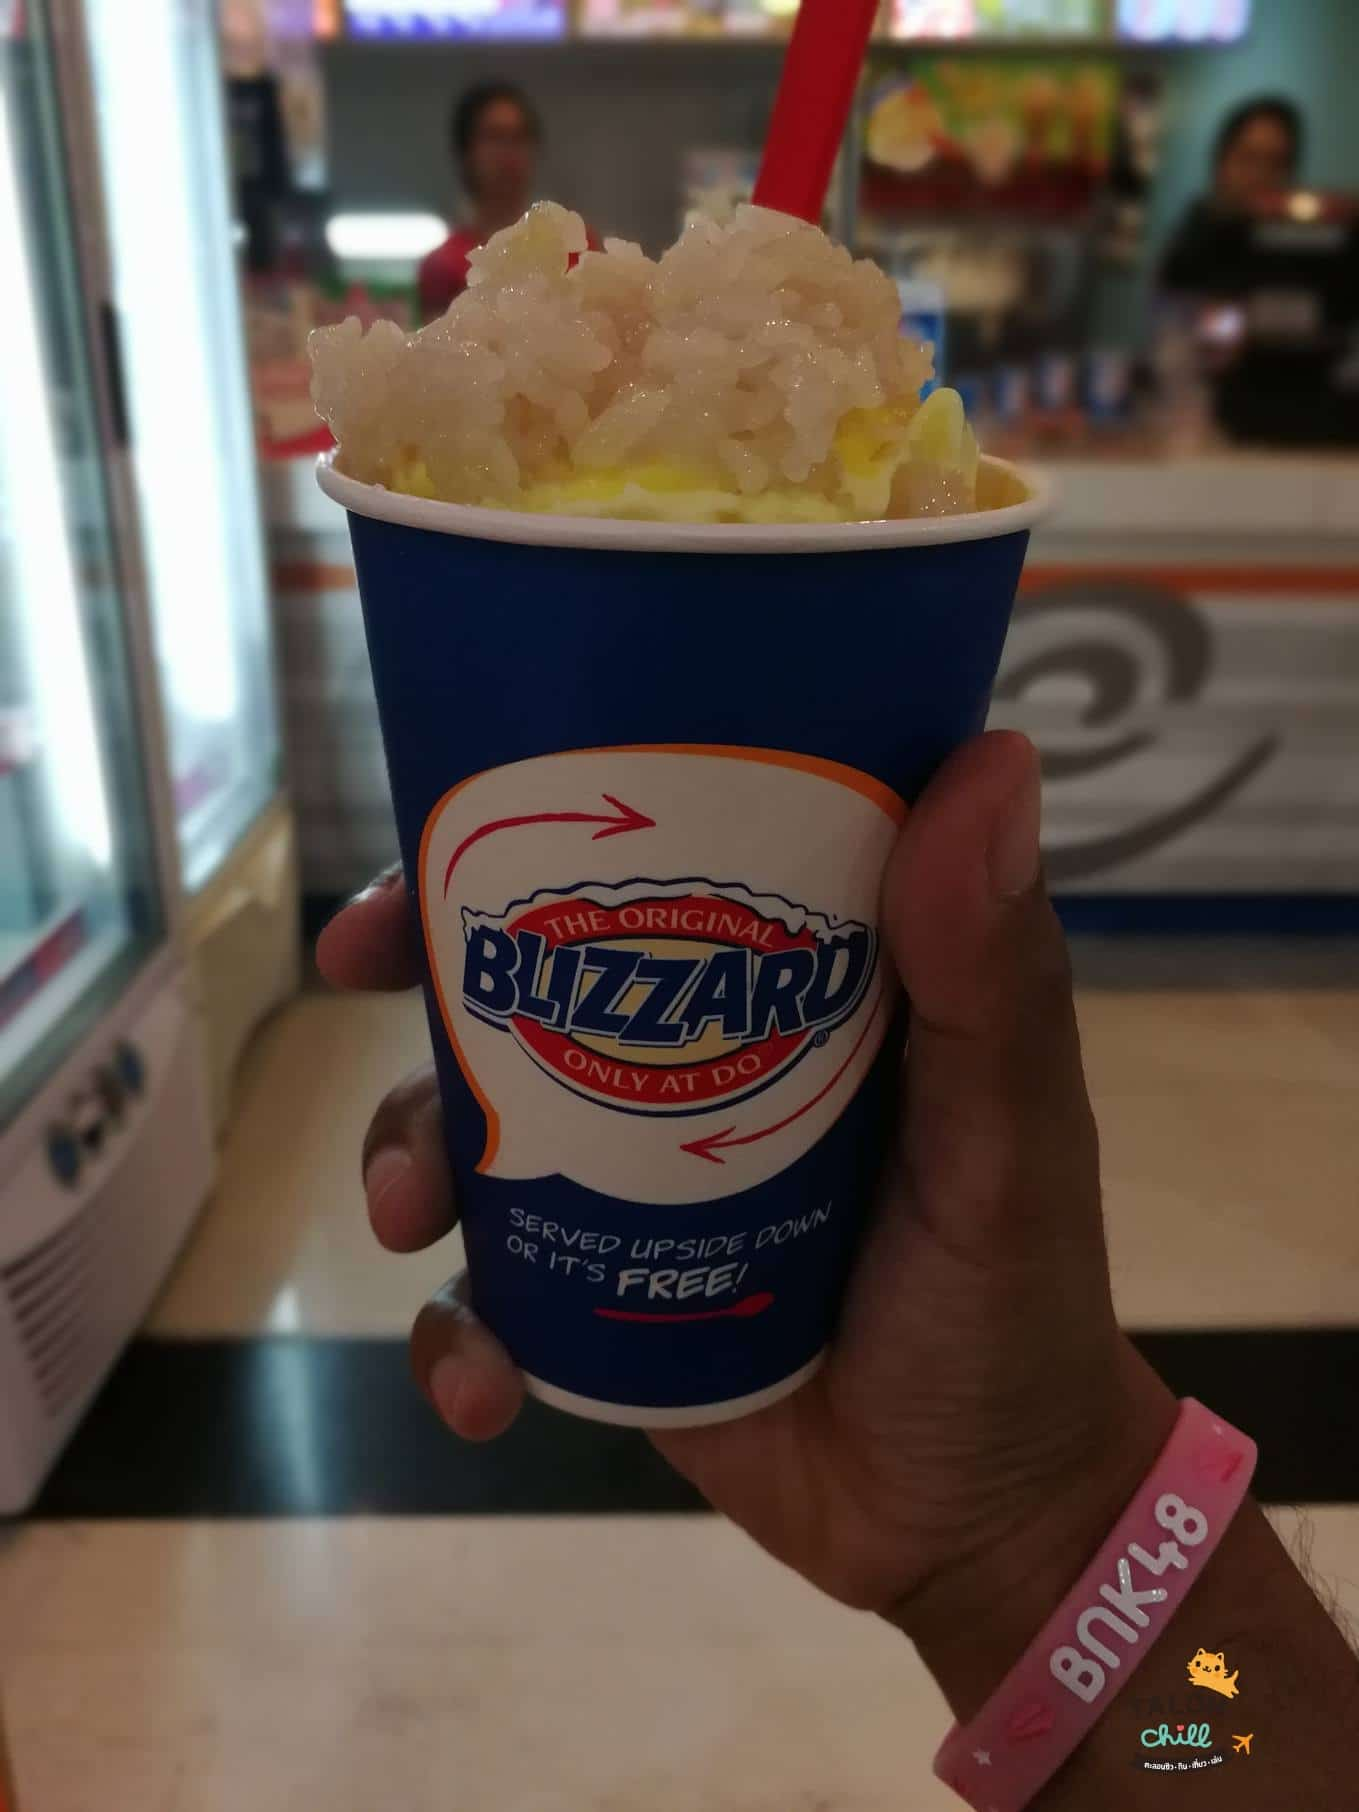 [รีวิว] ไอศครีม Dairyqueen (แดรี่ควีน) ทุเรียนหมอนทองบลิซซาร์ด (durian sticky rice)